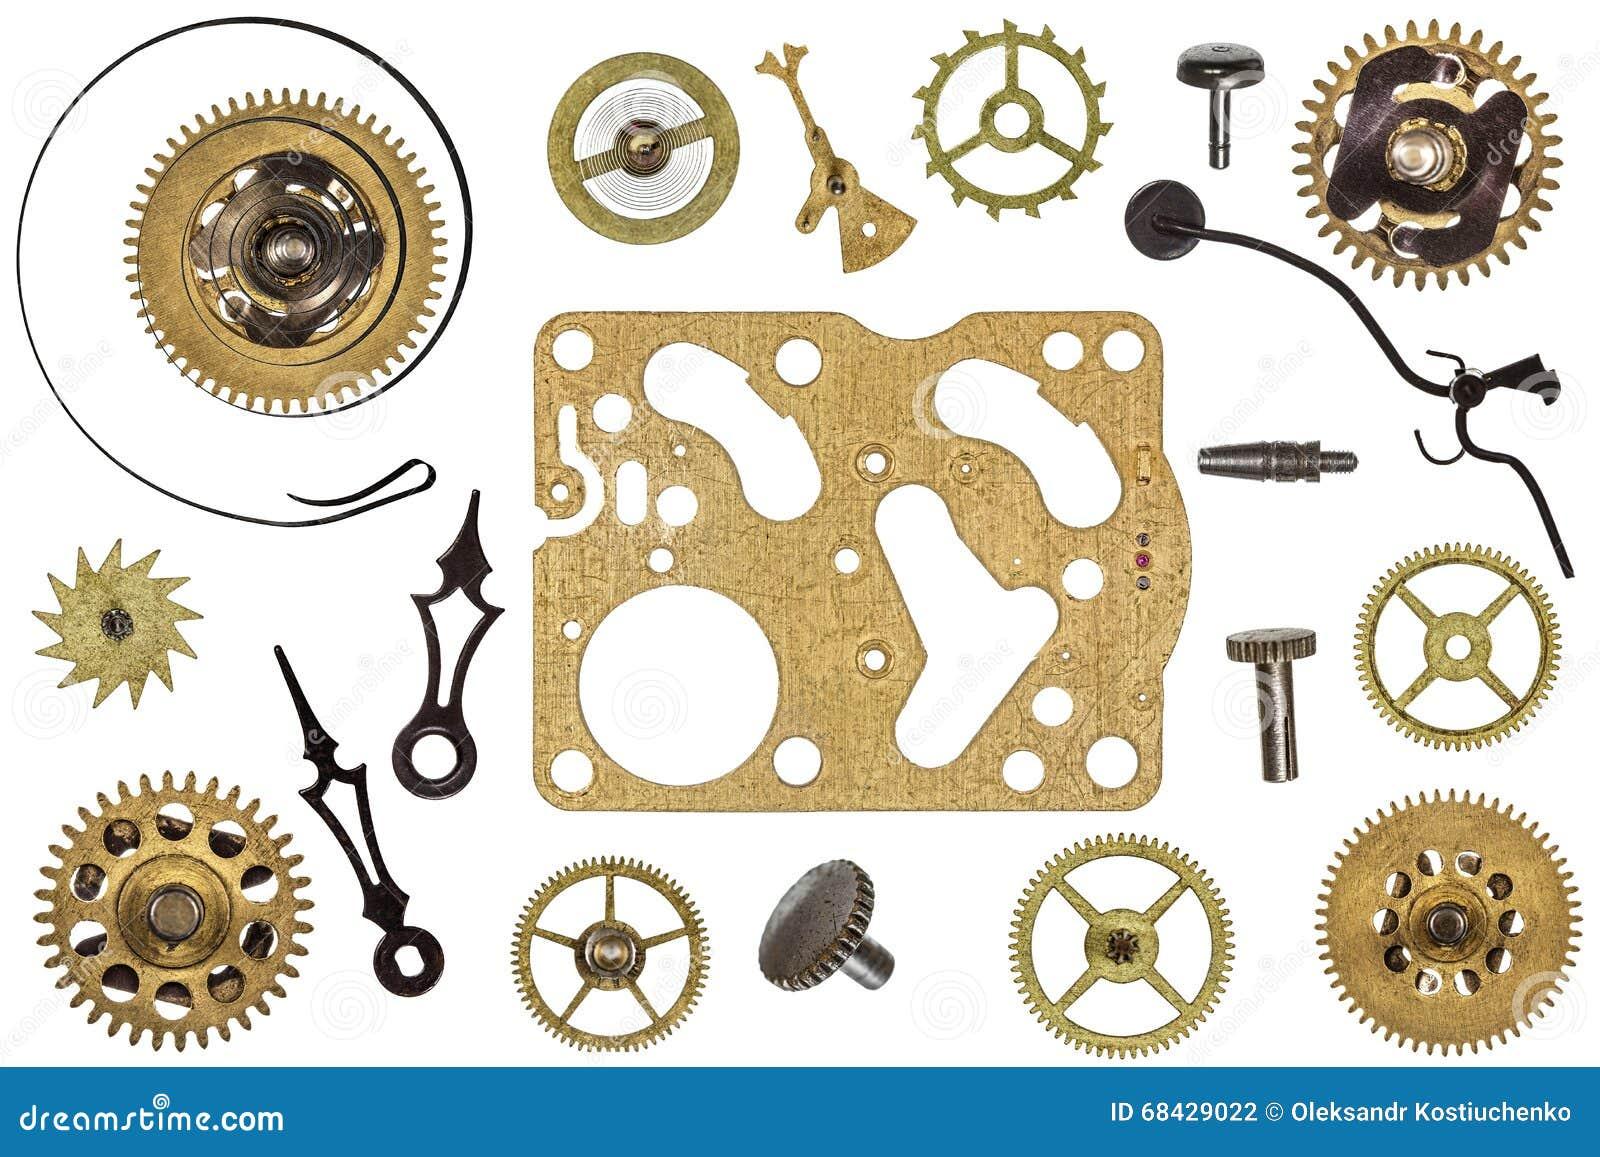 pezzi di ricambio orologio